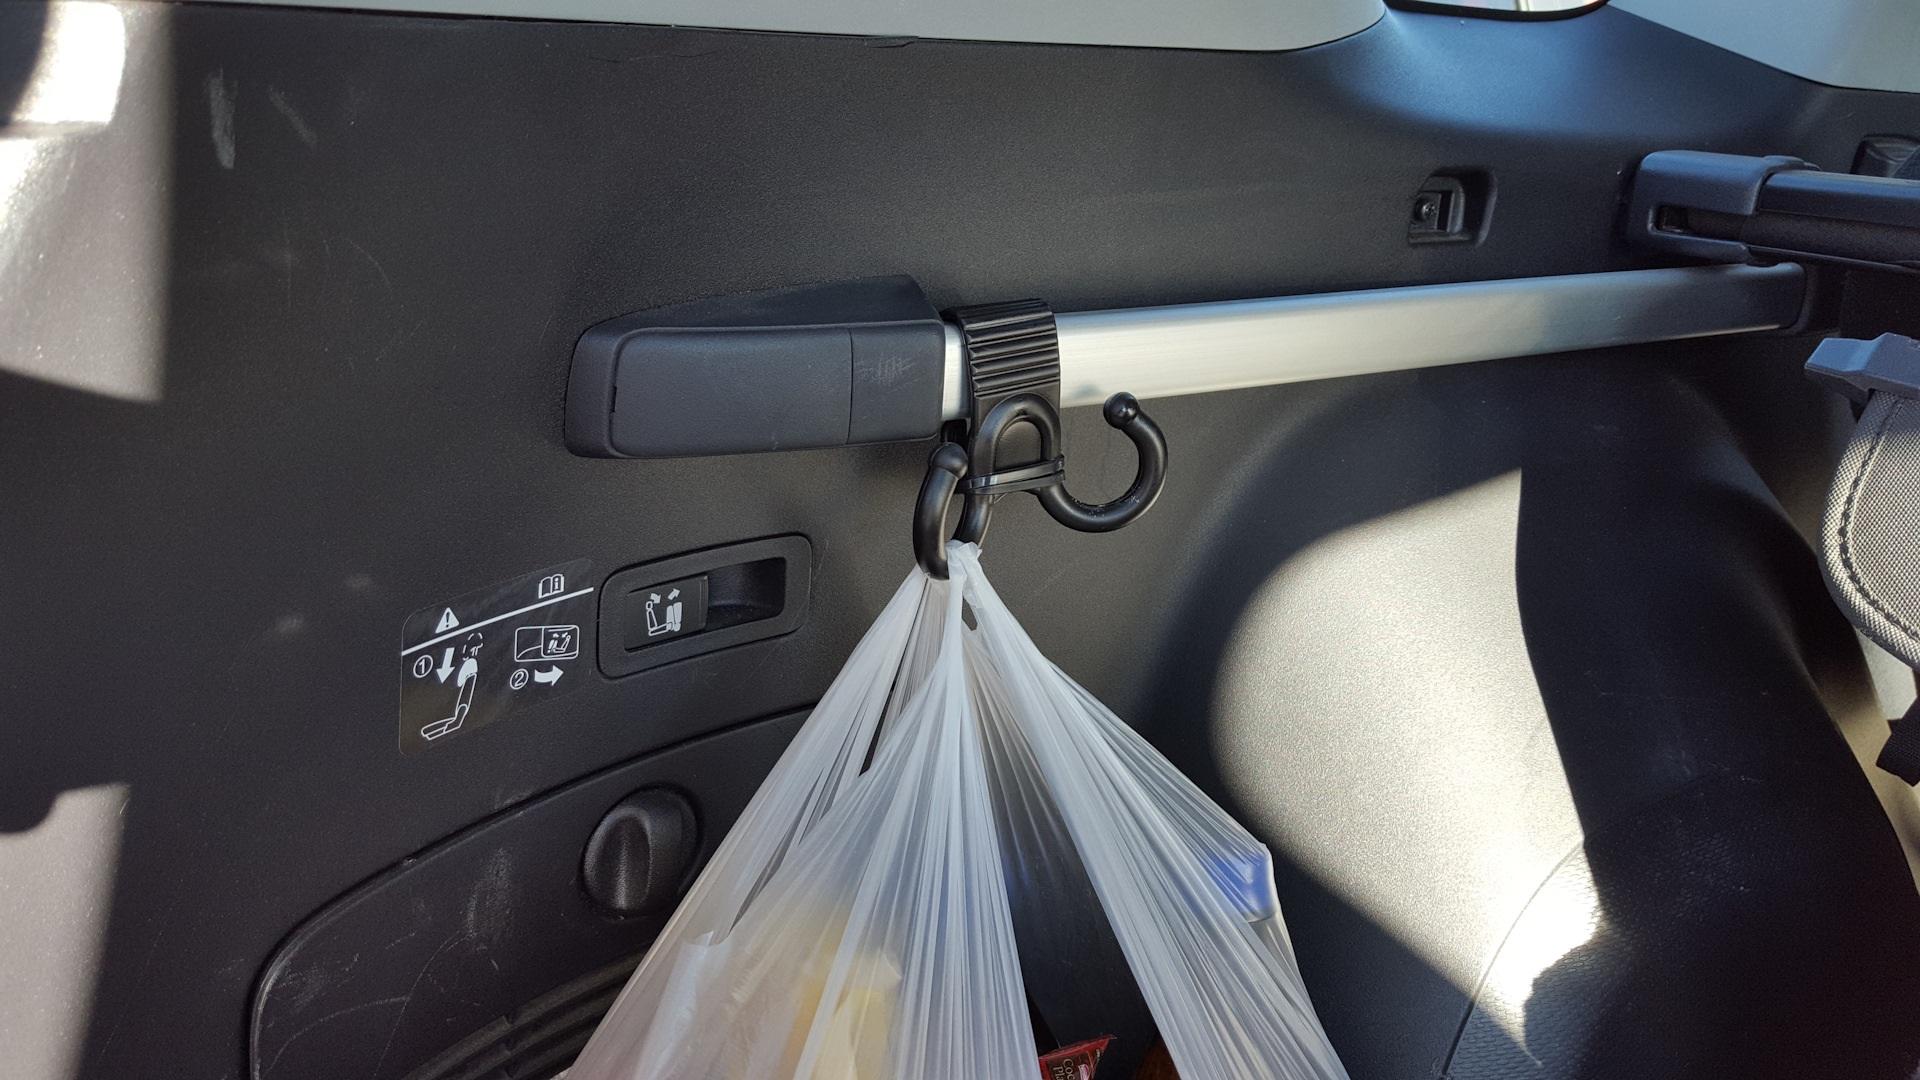 Лучшие крючки в багажник автомобиля: как выбрать и прикрепить своими руками